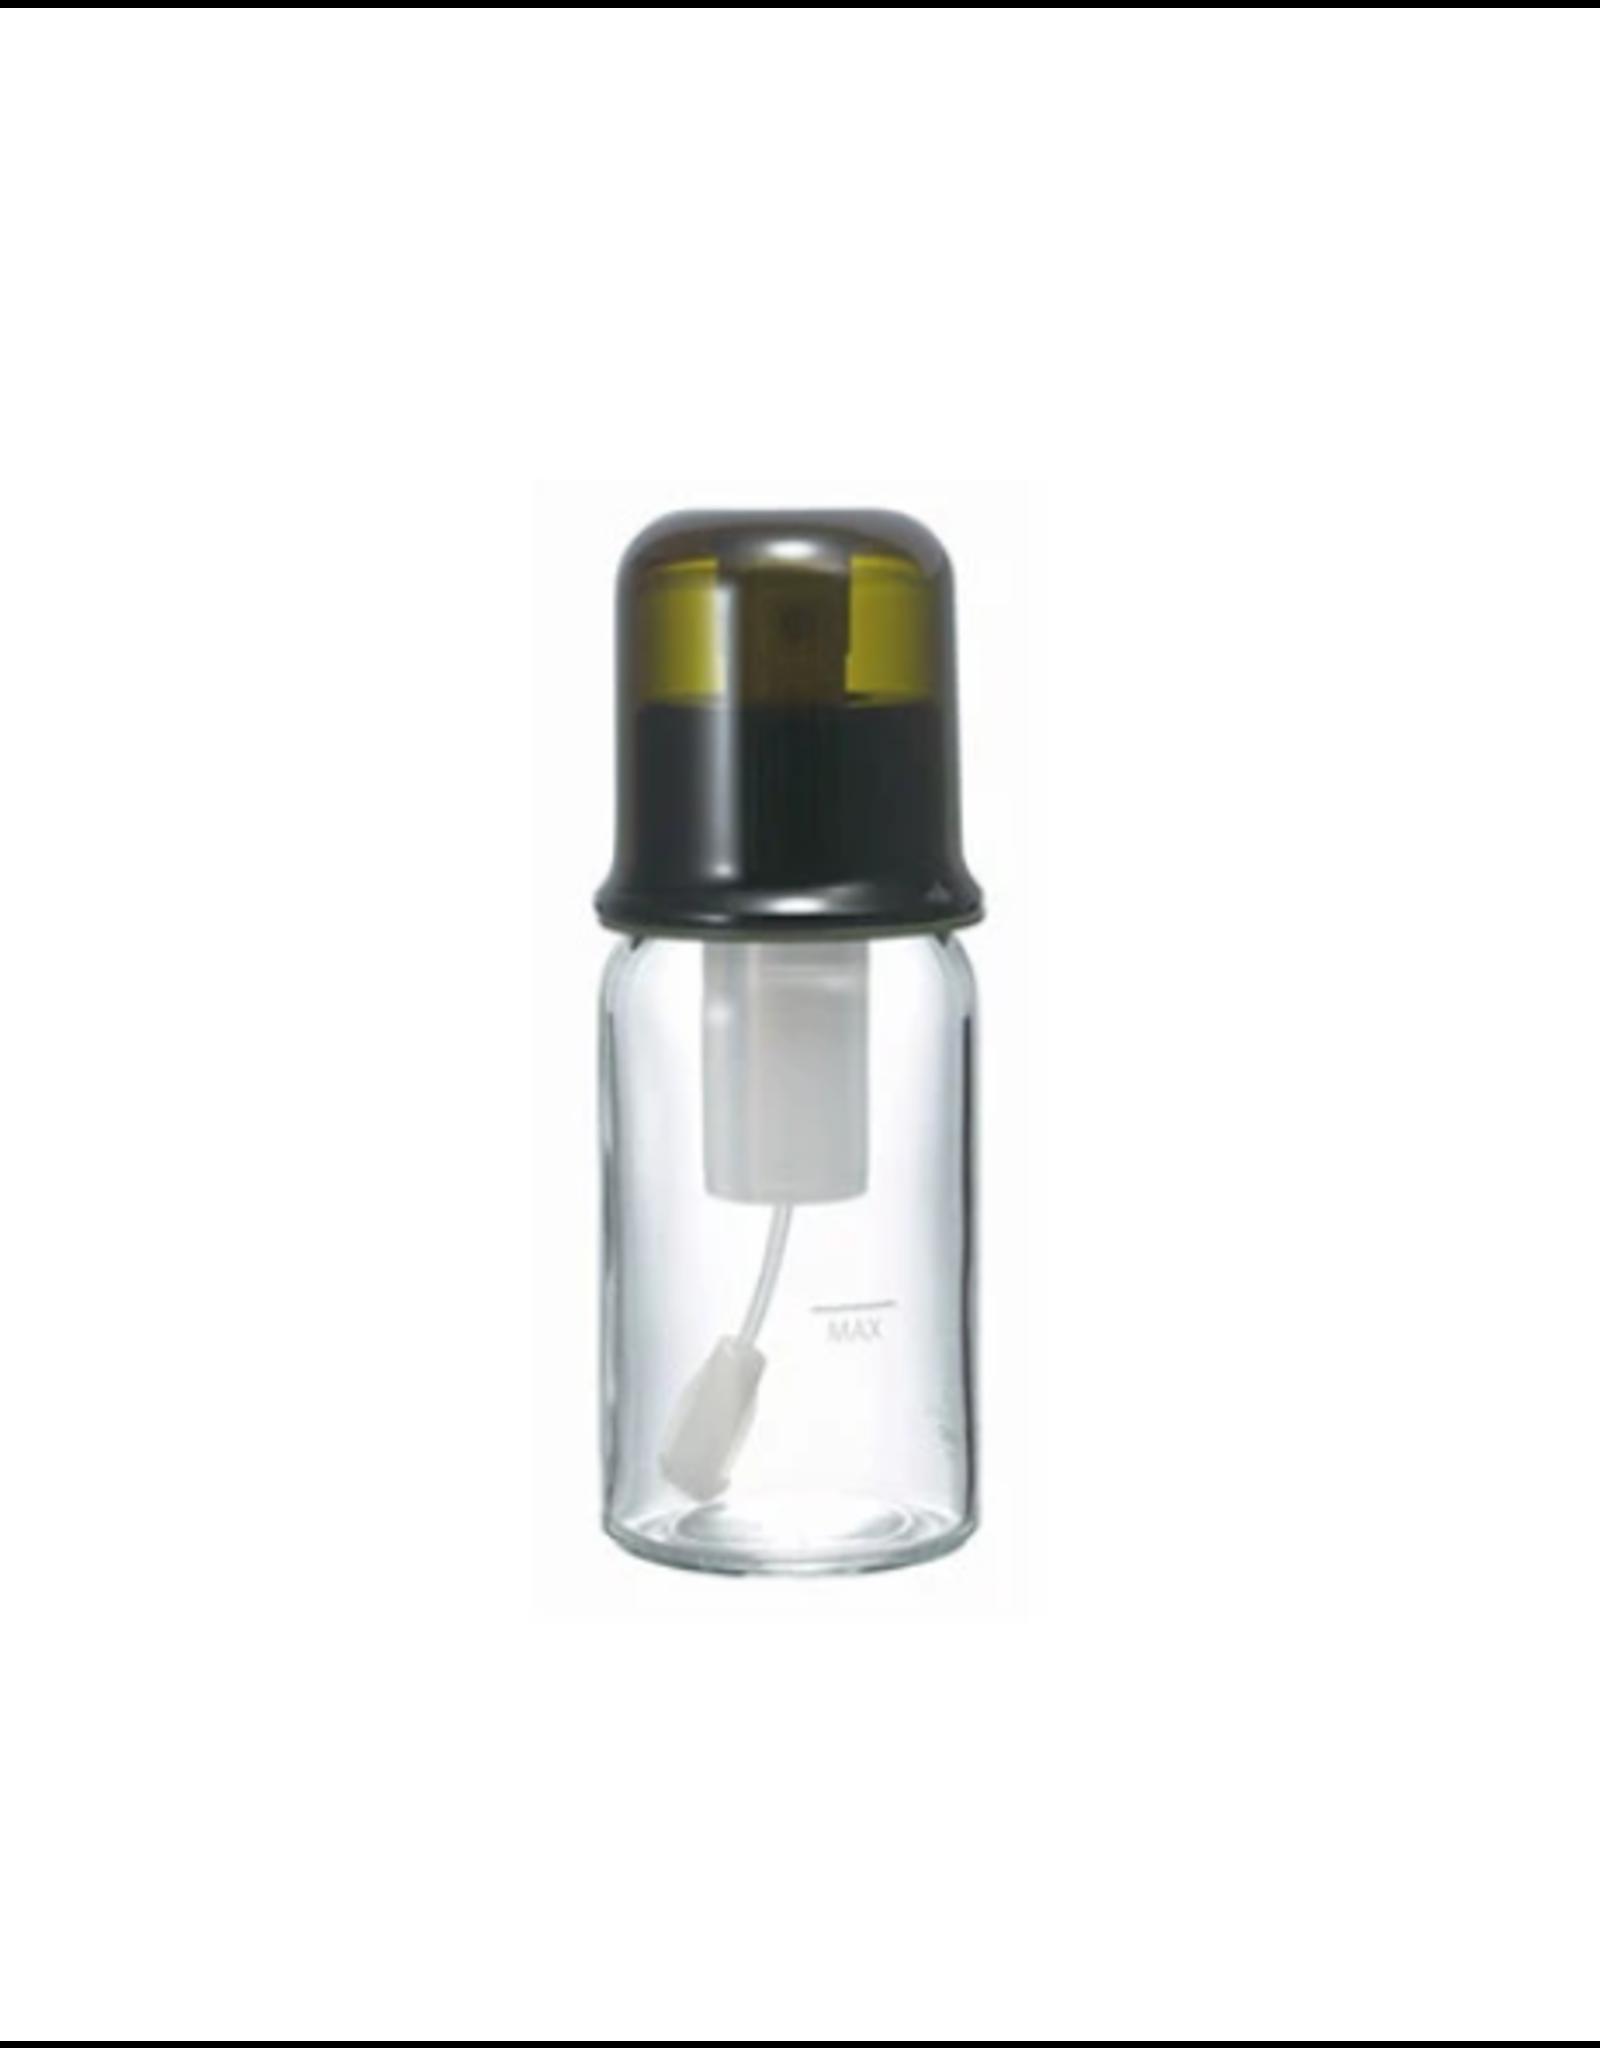 Hario Hario Cruet Oil Sprayer Green